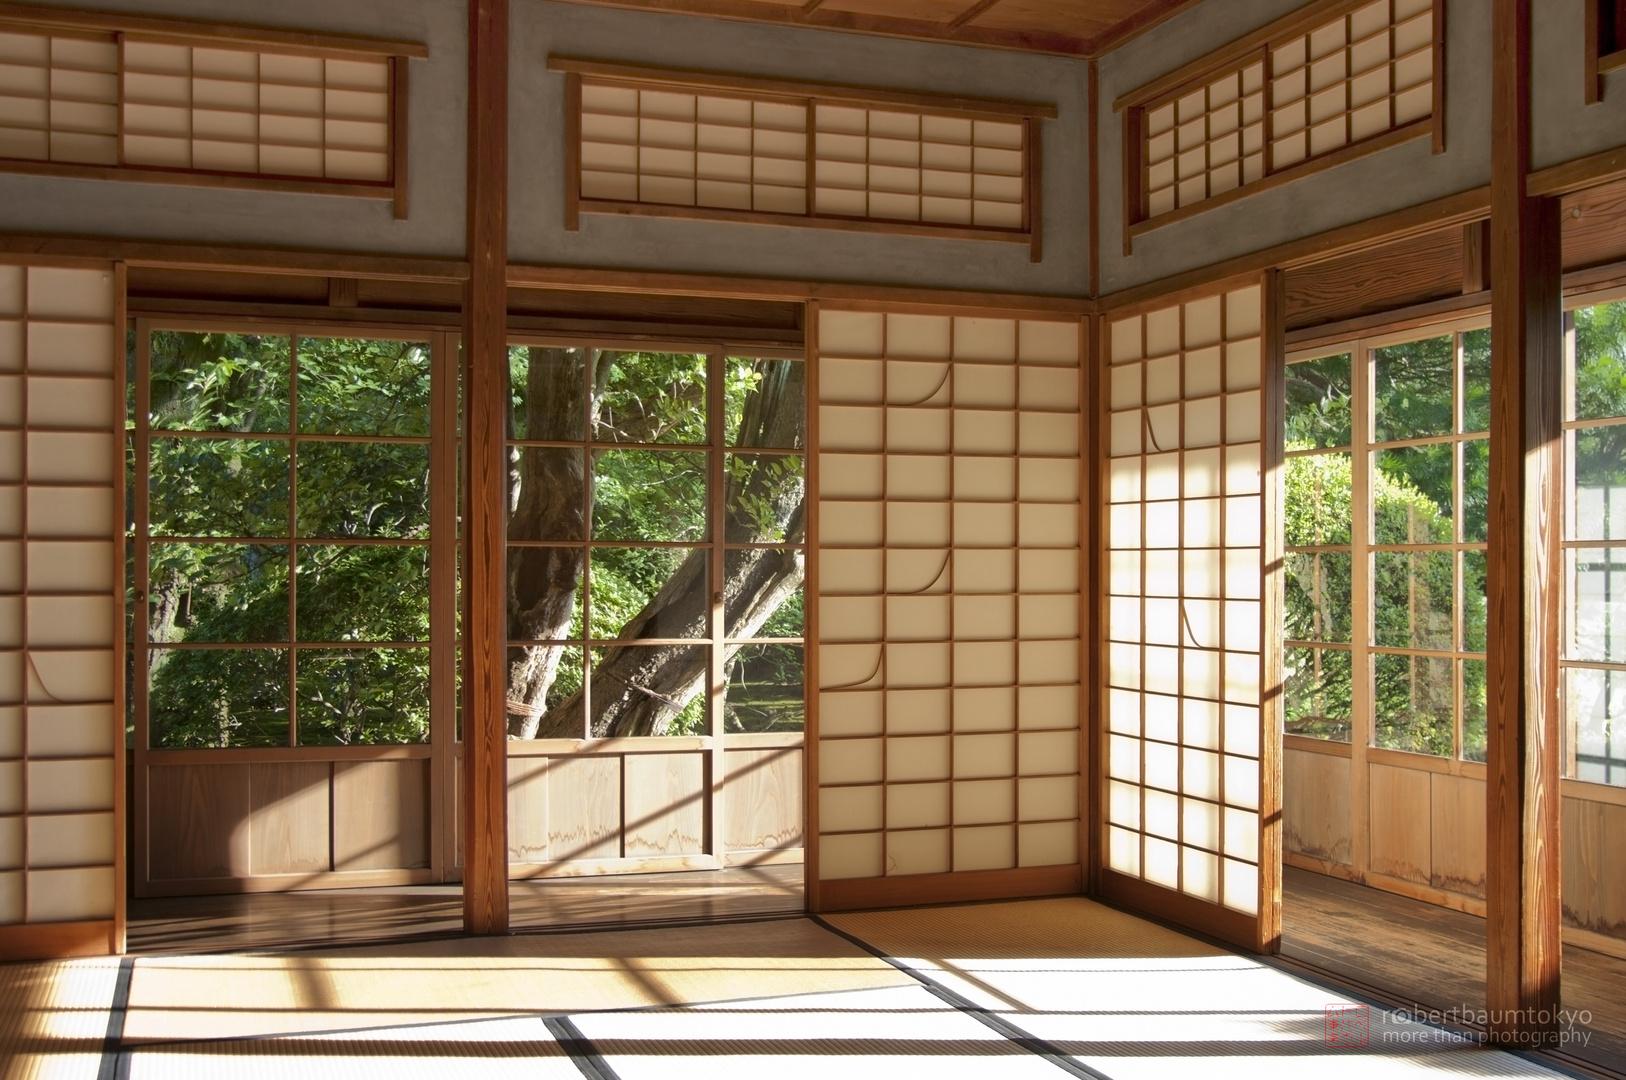 japanische architektur bauen mit licht und schatten foto. Black Bedroom Furniture Sets. Home Design Ideas